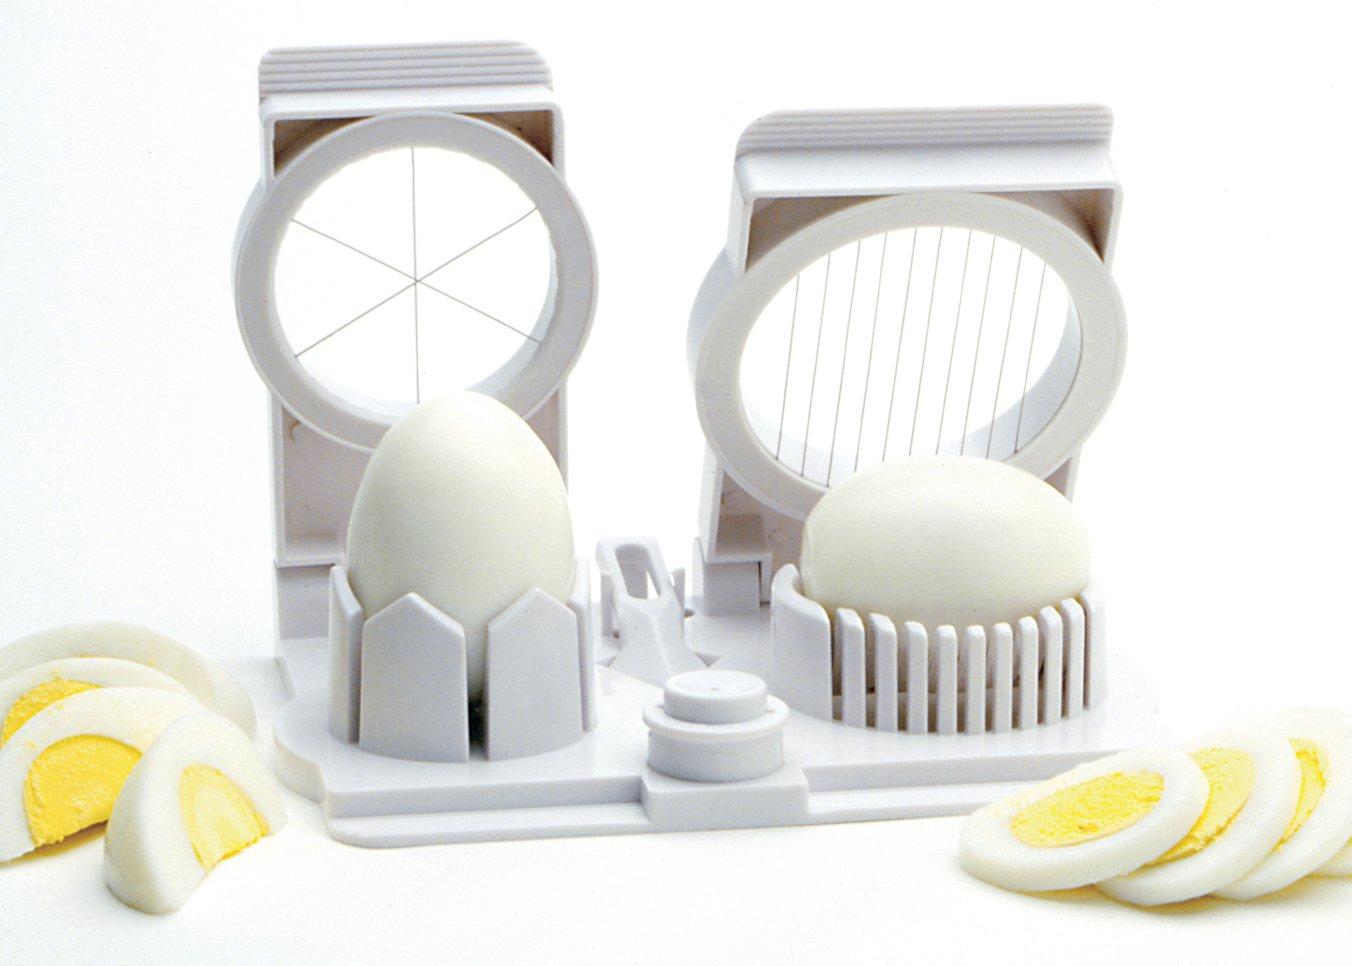 Norpro 989 - Herramienta para Cortar y perforar Huevos, 17.8 x 15.5 x 4.8 cm, Color Blanco NOR-989